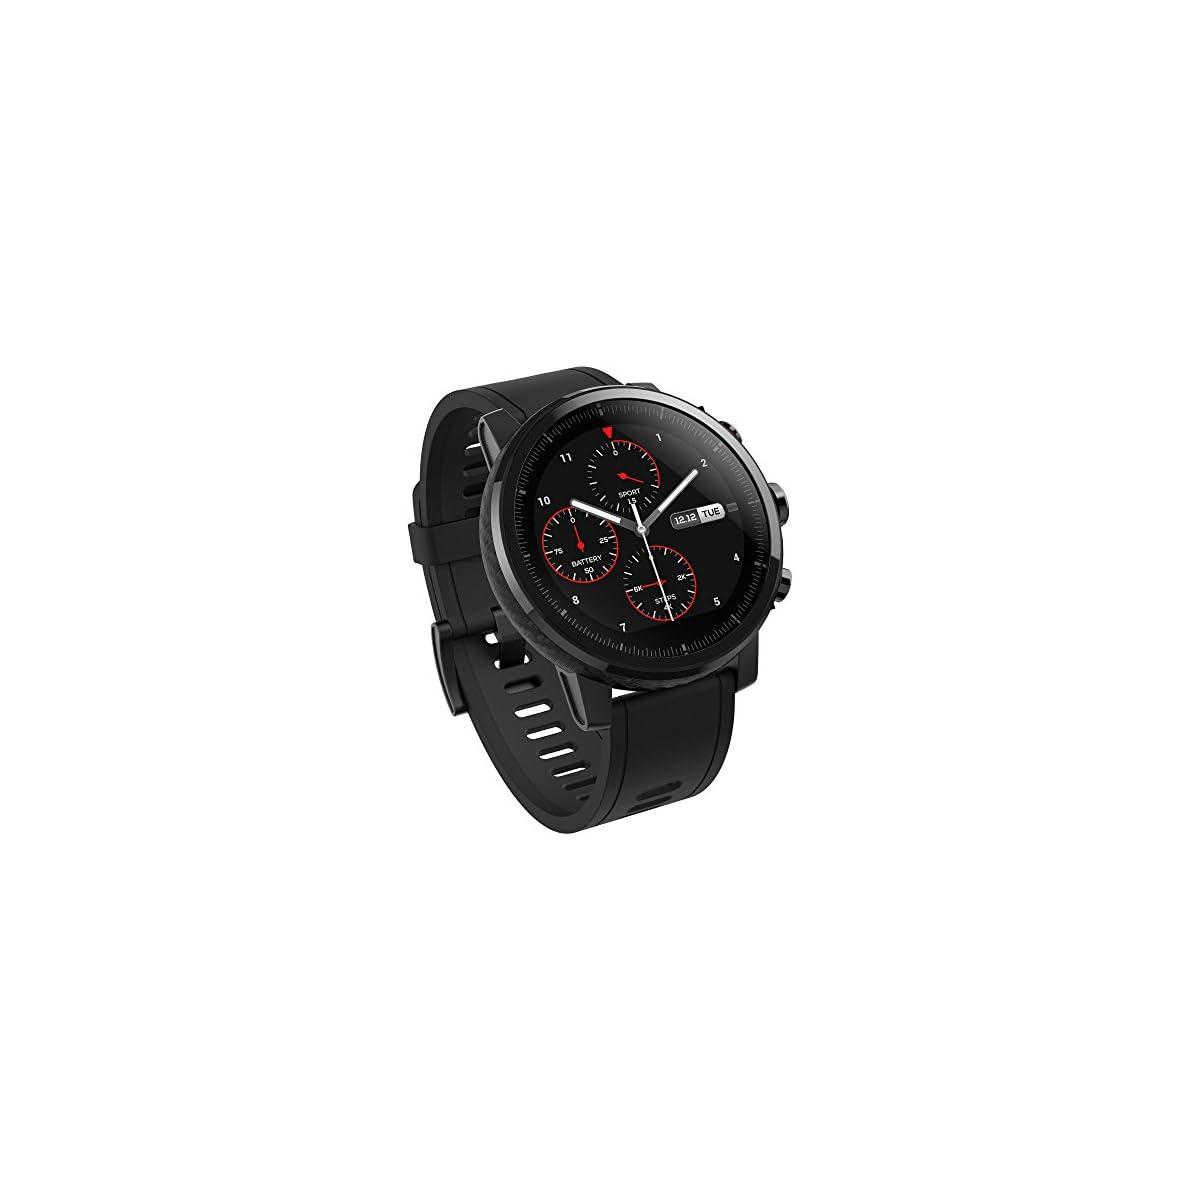 51Bz9Kyt1FL. SS1200  - Xiaomi Amazfit Stratos - Smartwatch con GPS y Sensor de frecuencia cardíaca (Resistente al Agua 5ATM) Color Negro